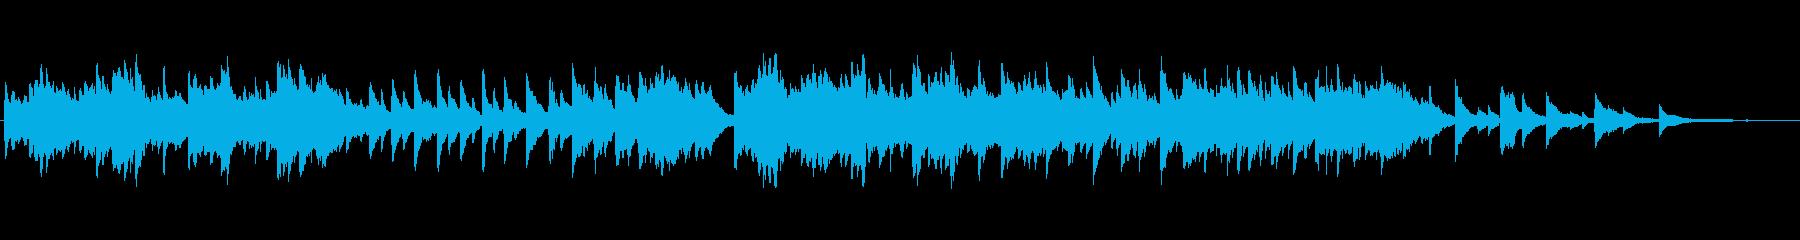 悲しいピアノソロ曲ですの再生済みの波形